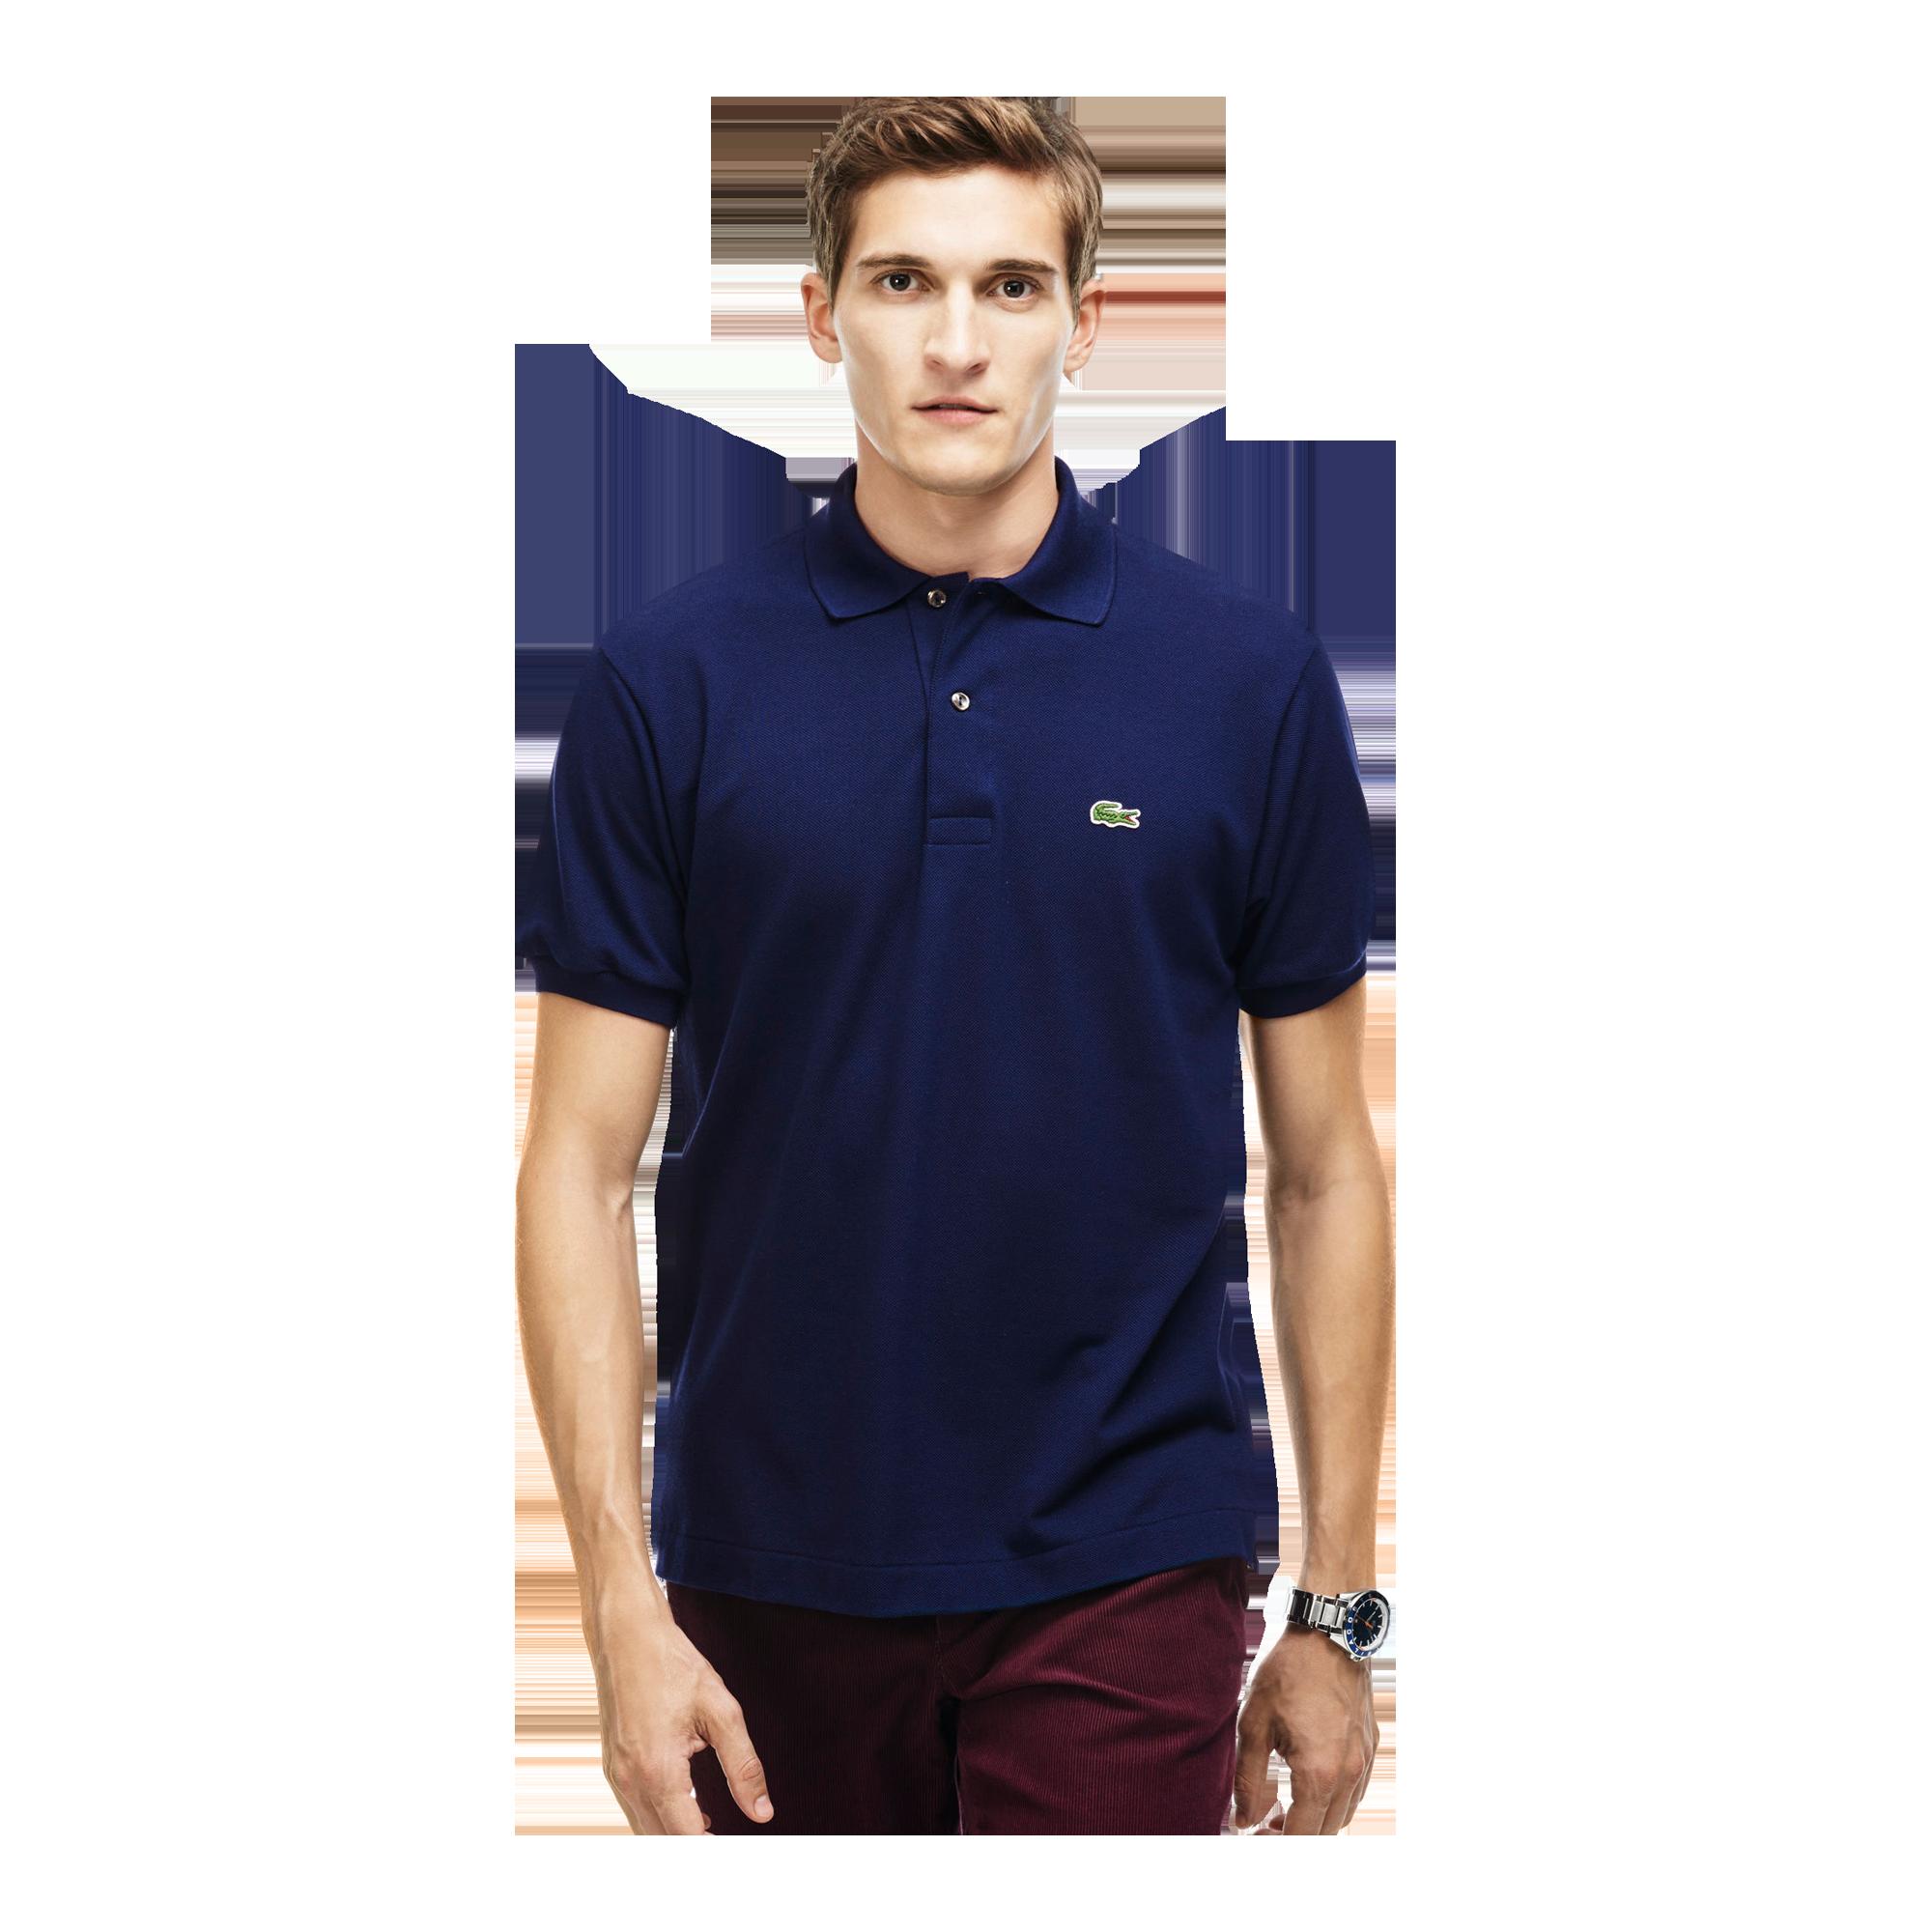 promo code cbba8 9bf8a Lacoste CAIMAN, Men's polo shirt, short sleeve, Dark Blue ...